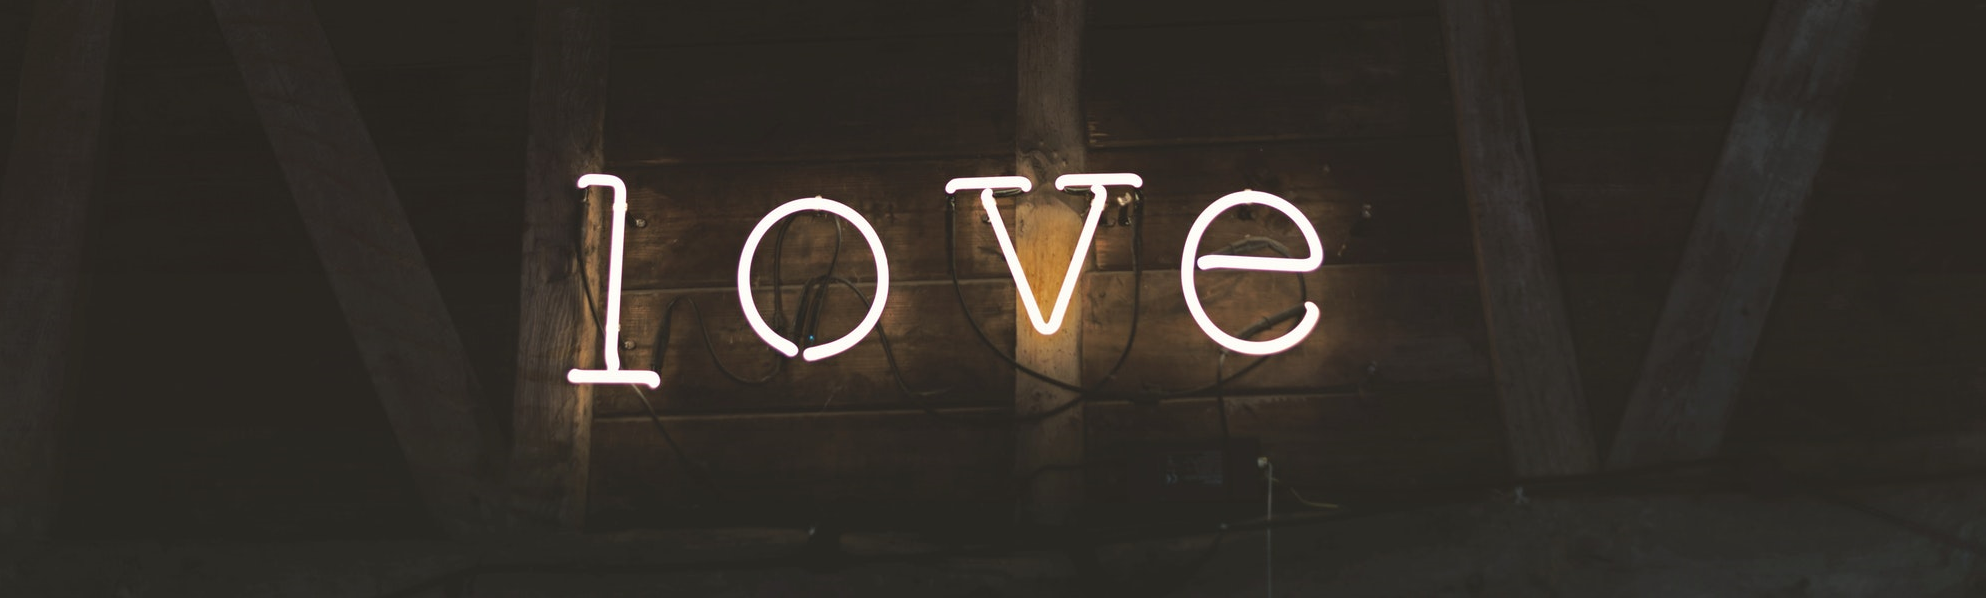 El amor es una de las sensaciones más apasionantes del mundo.